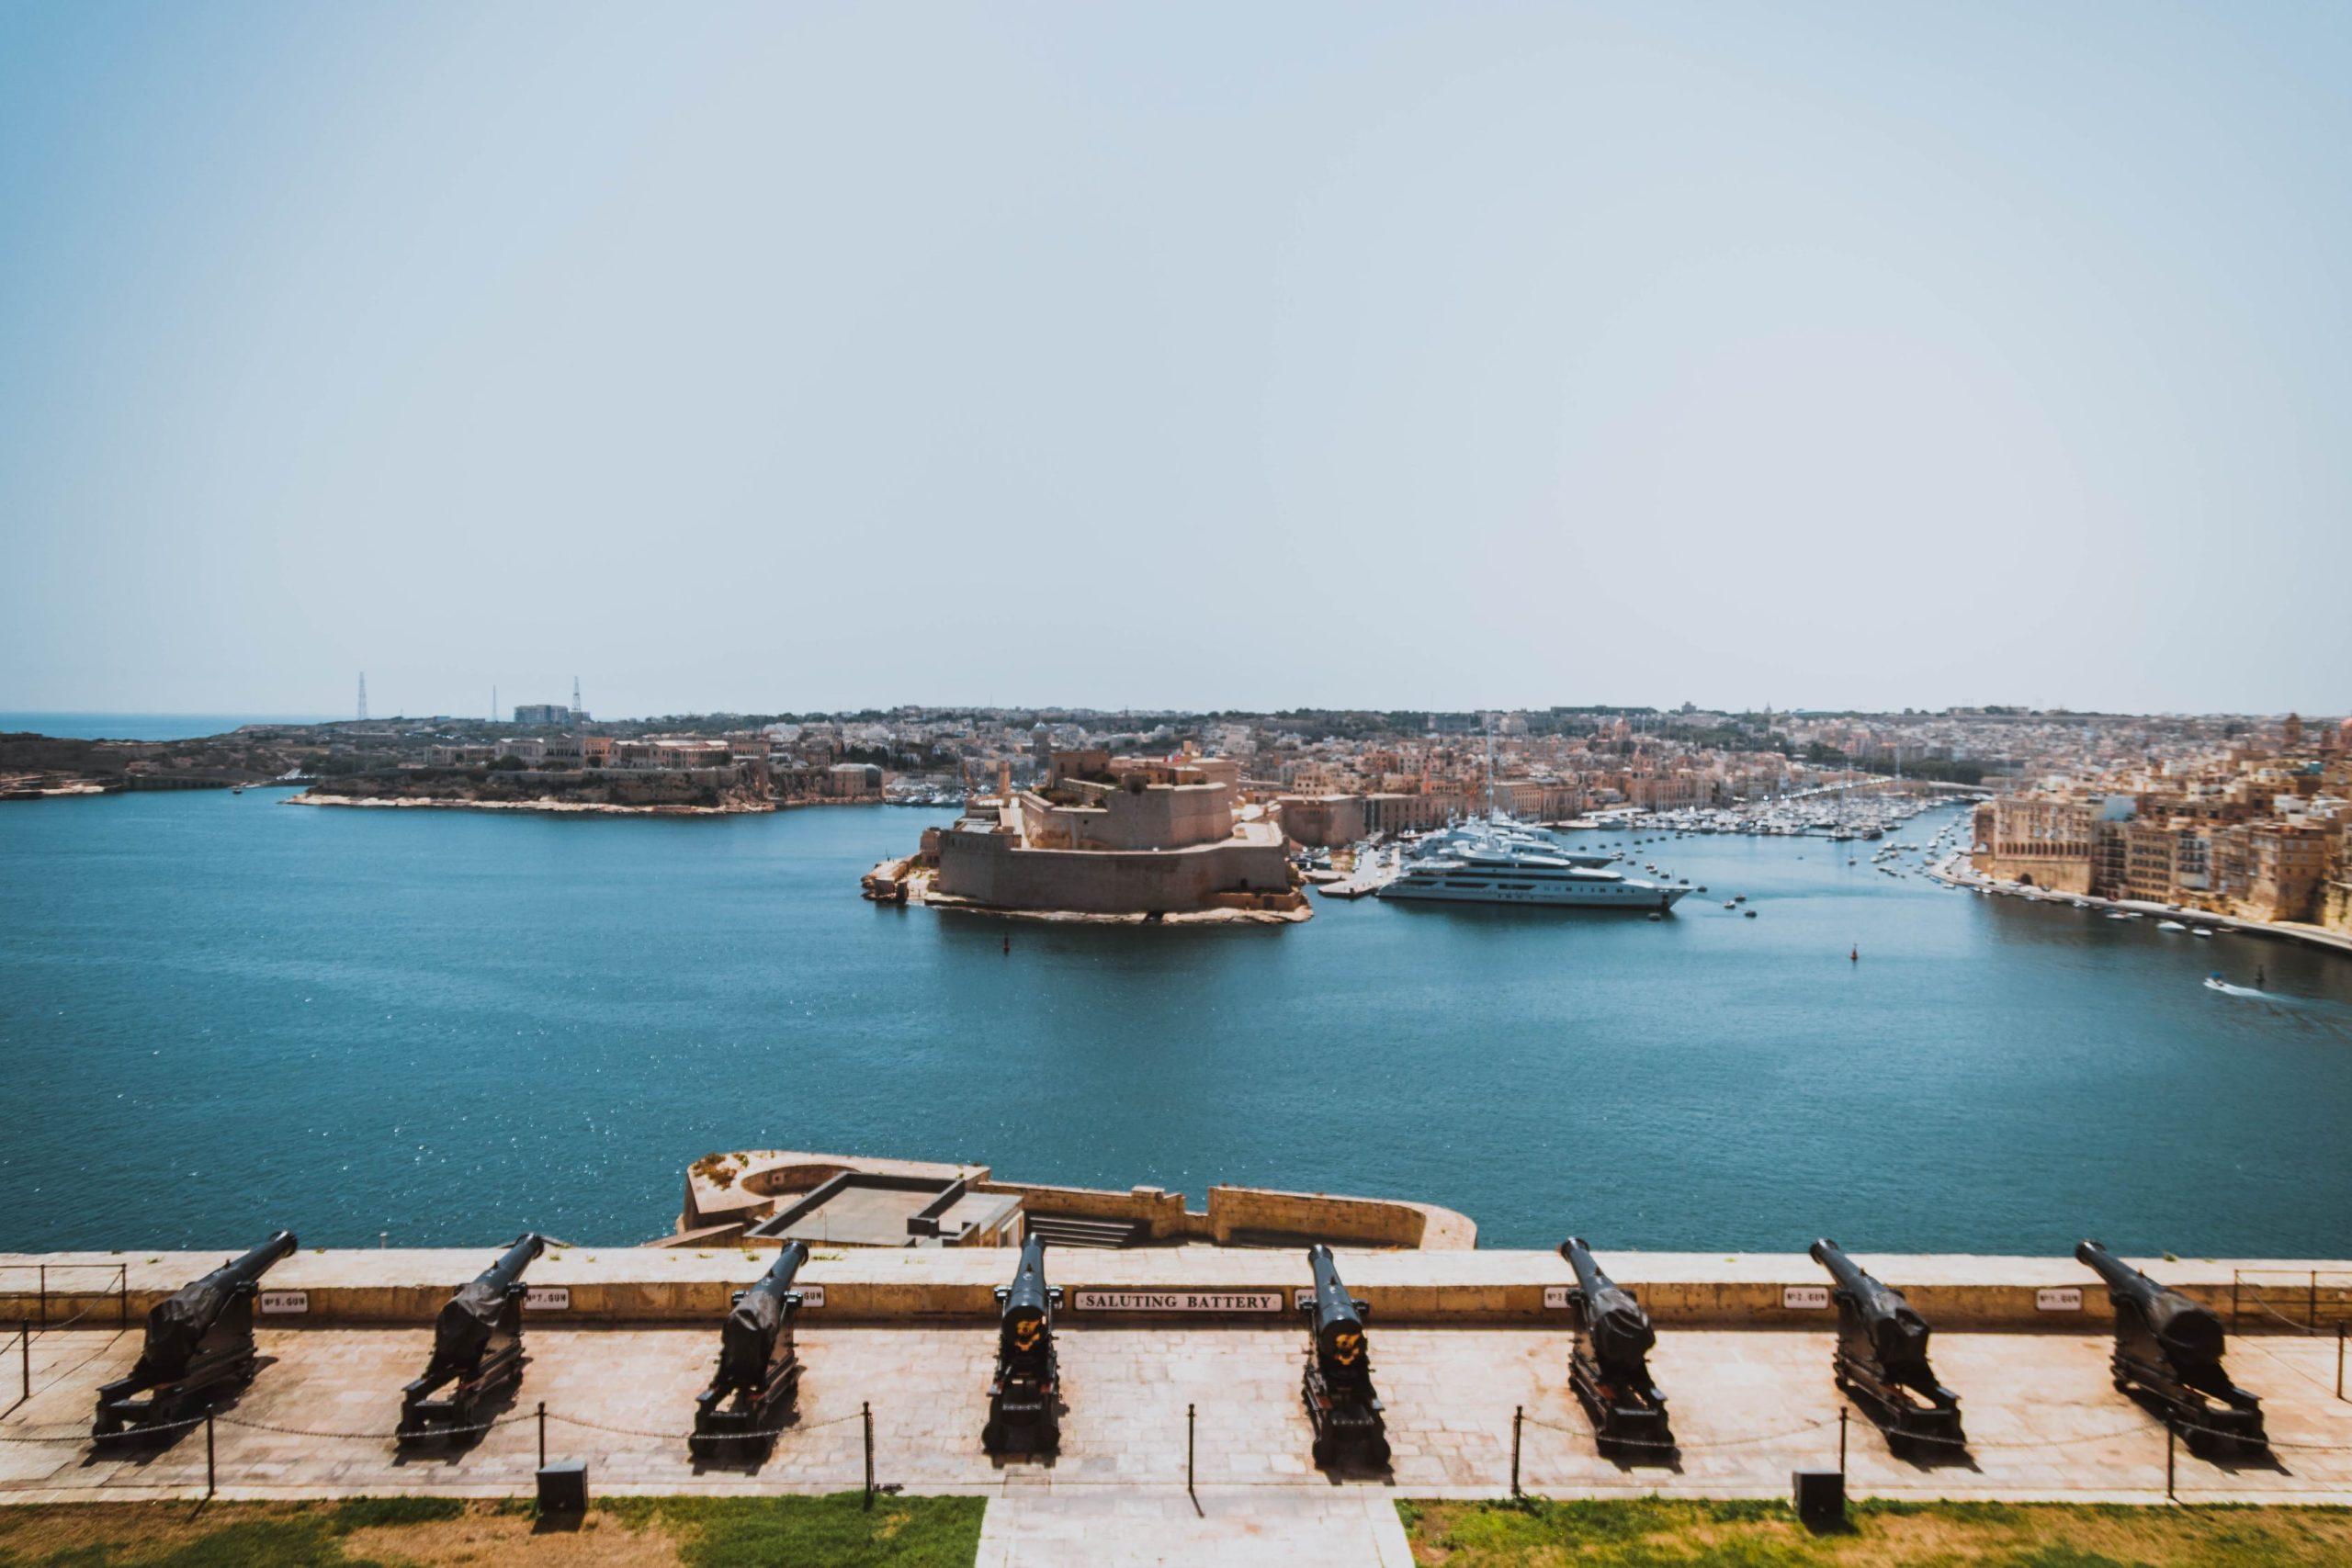 En voyage à La Vallette